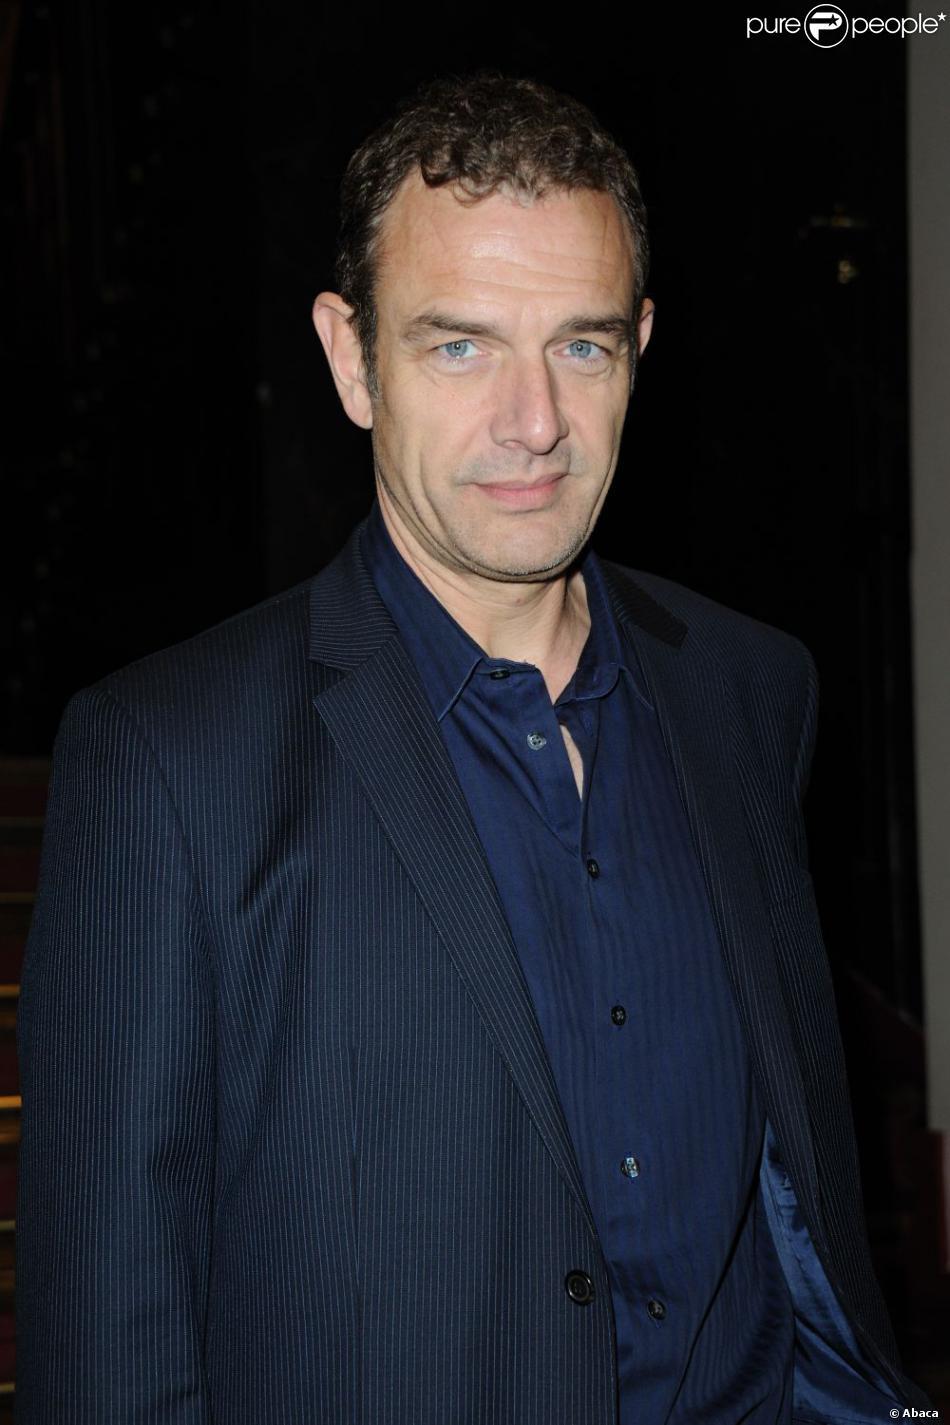 Jean Yves Berteloot En D Cembre 2011 Paris